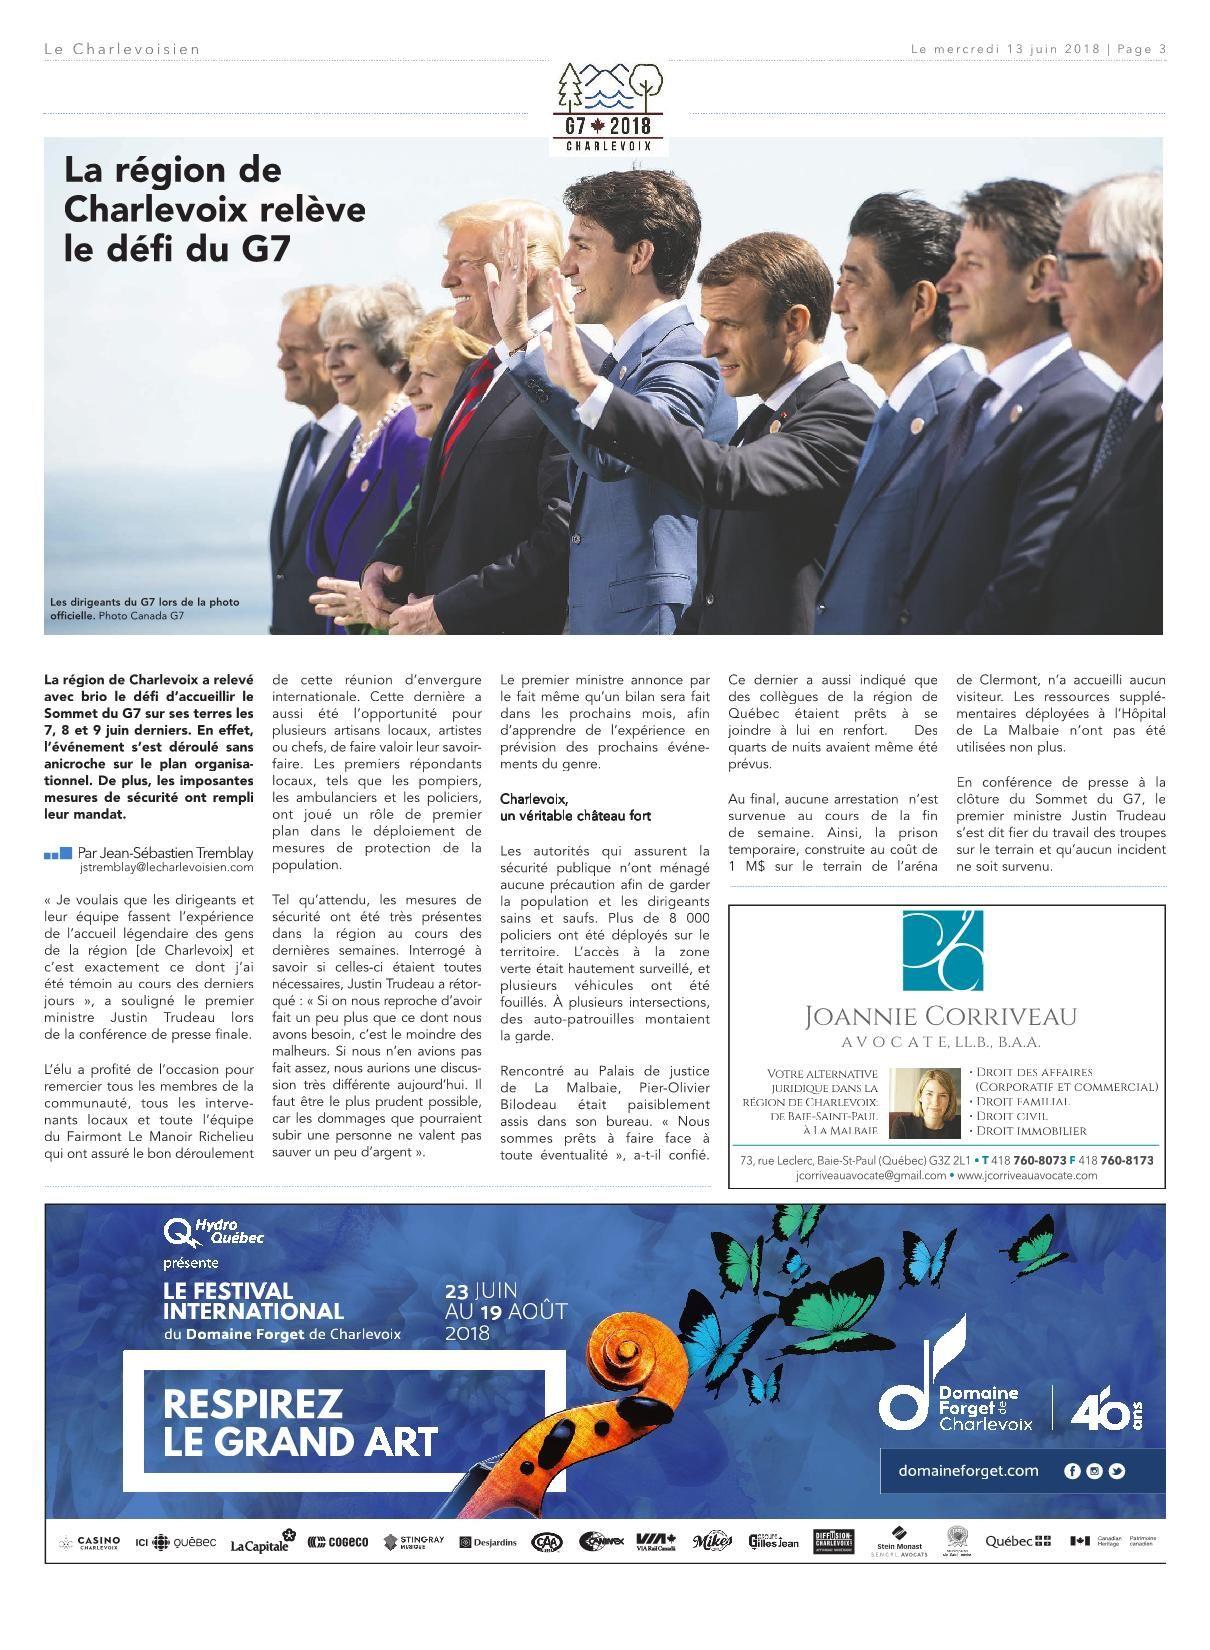 Appeler Leclerc Nouveau Le Charlevoisien 13 Juin 2018 Pages 1 40 Text Version Of 39 Best Of Appeler Leclerc